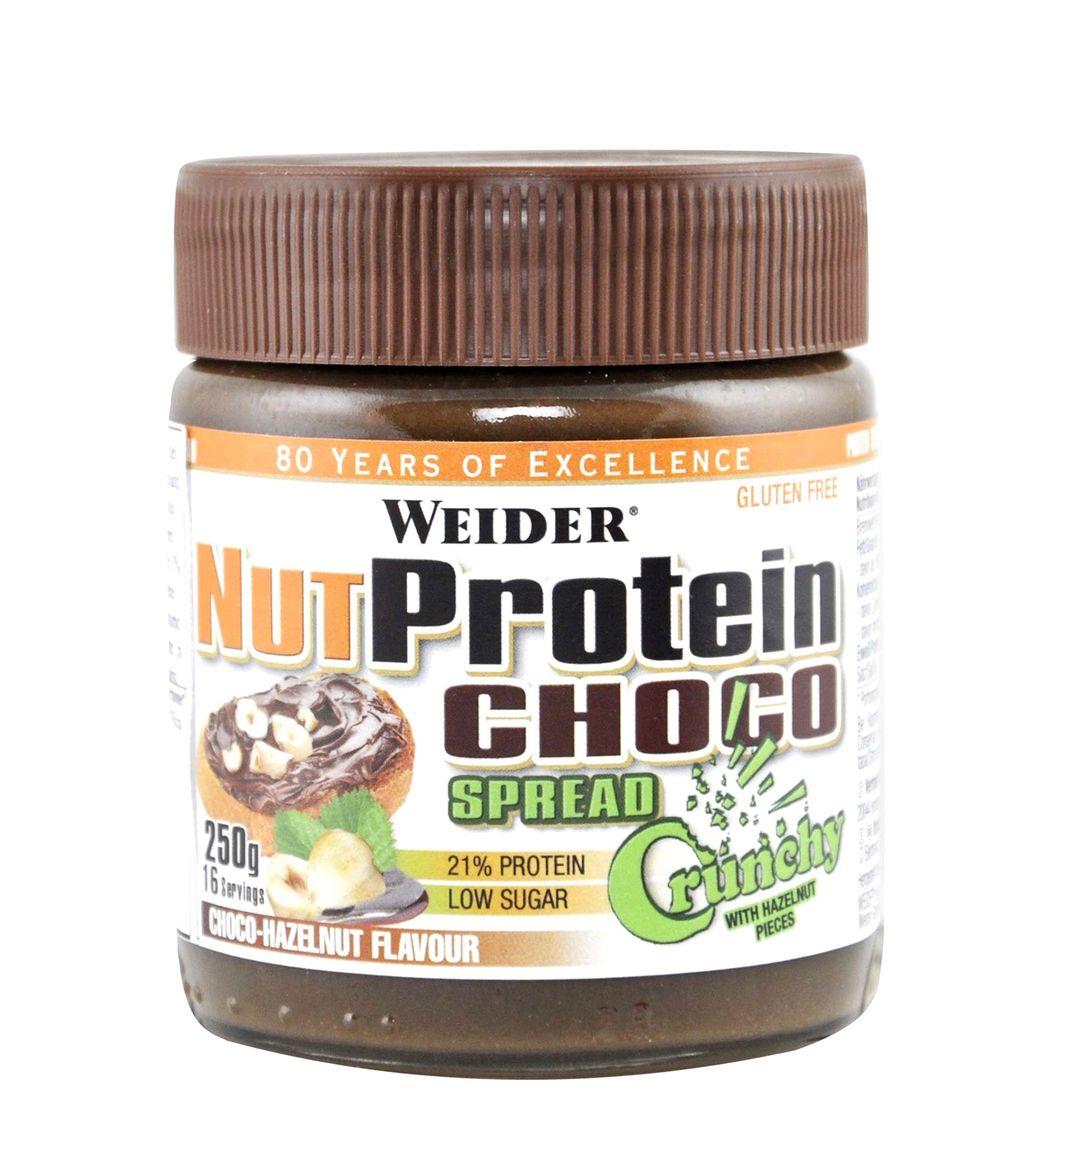 weider-nut-protein-choco-spread-crunchy